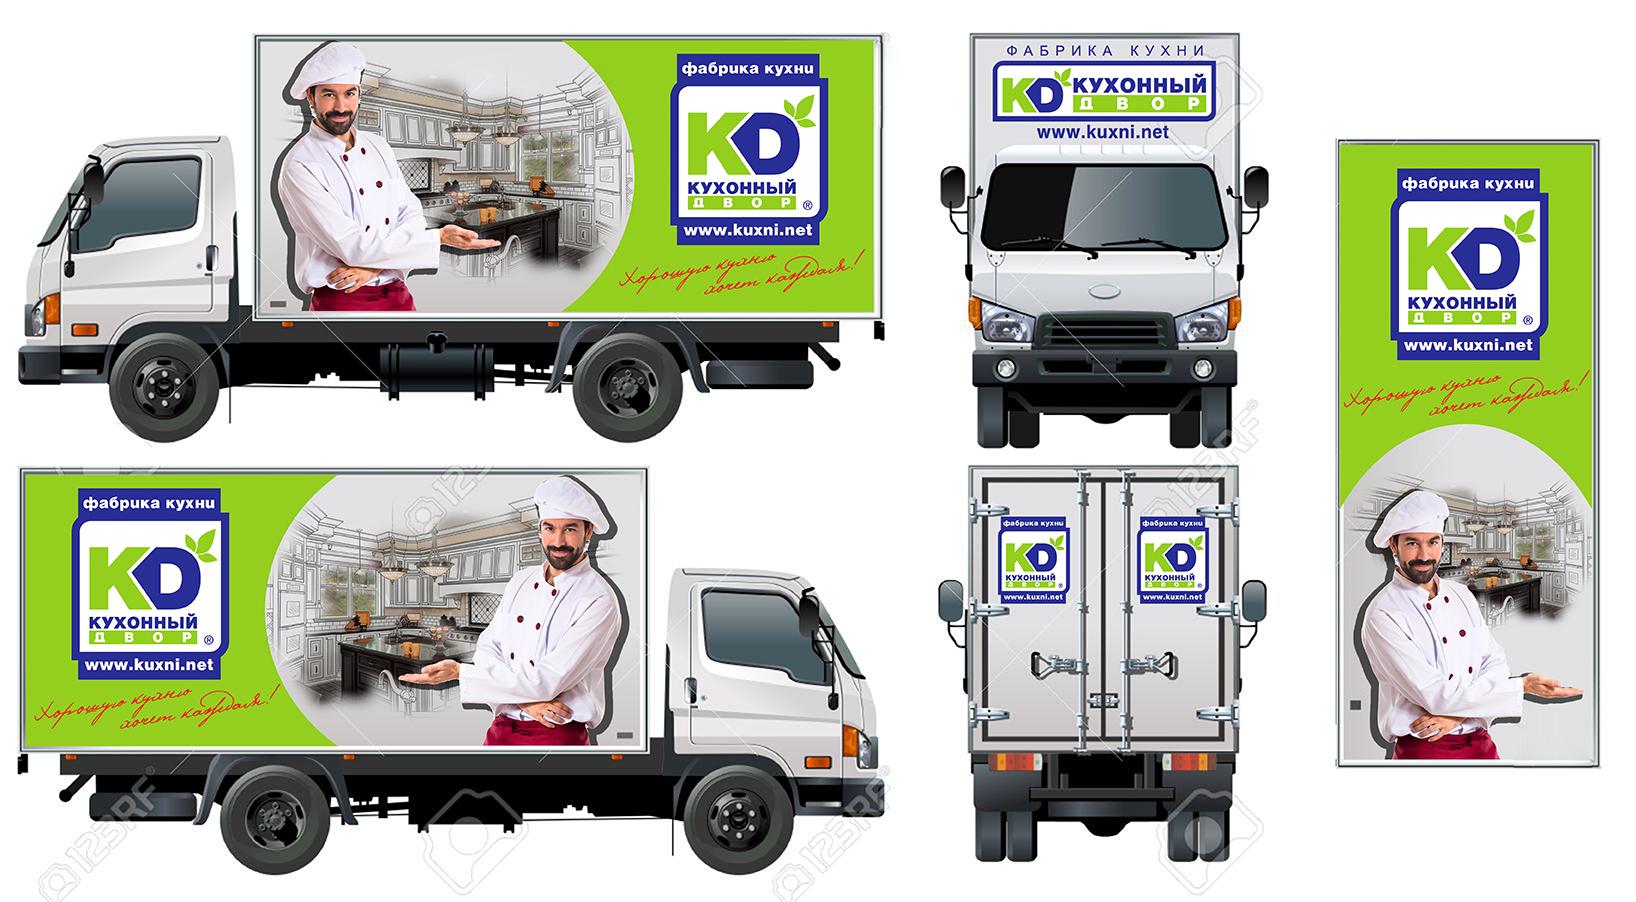 """Брендирование грузового авто для компании """"Кухонный двор"""" фото f_33959c4df3753fea.jpg"""